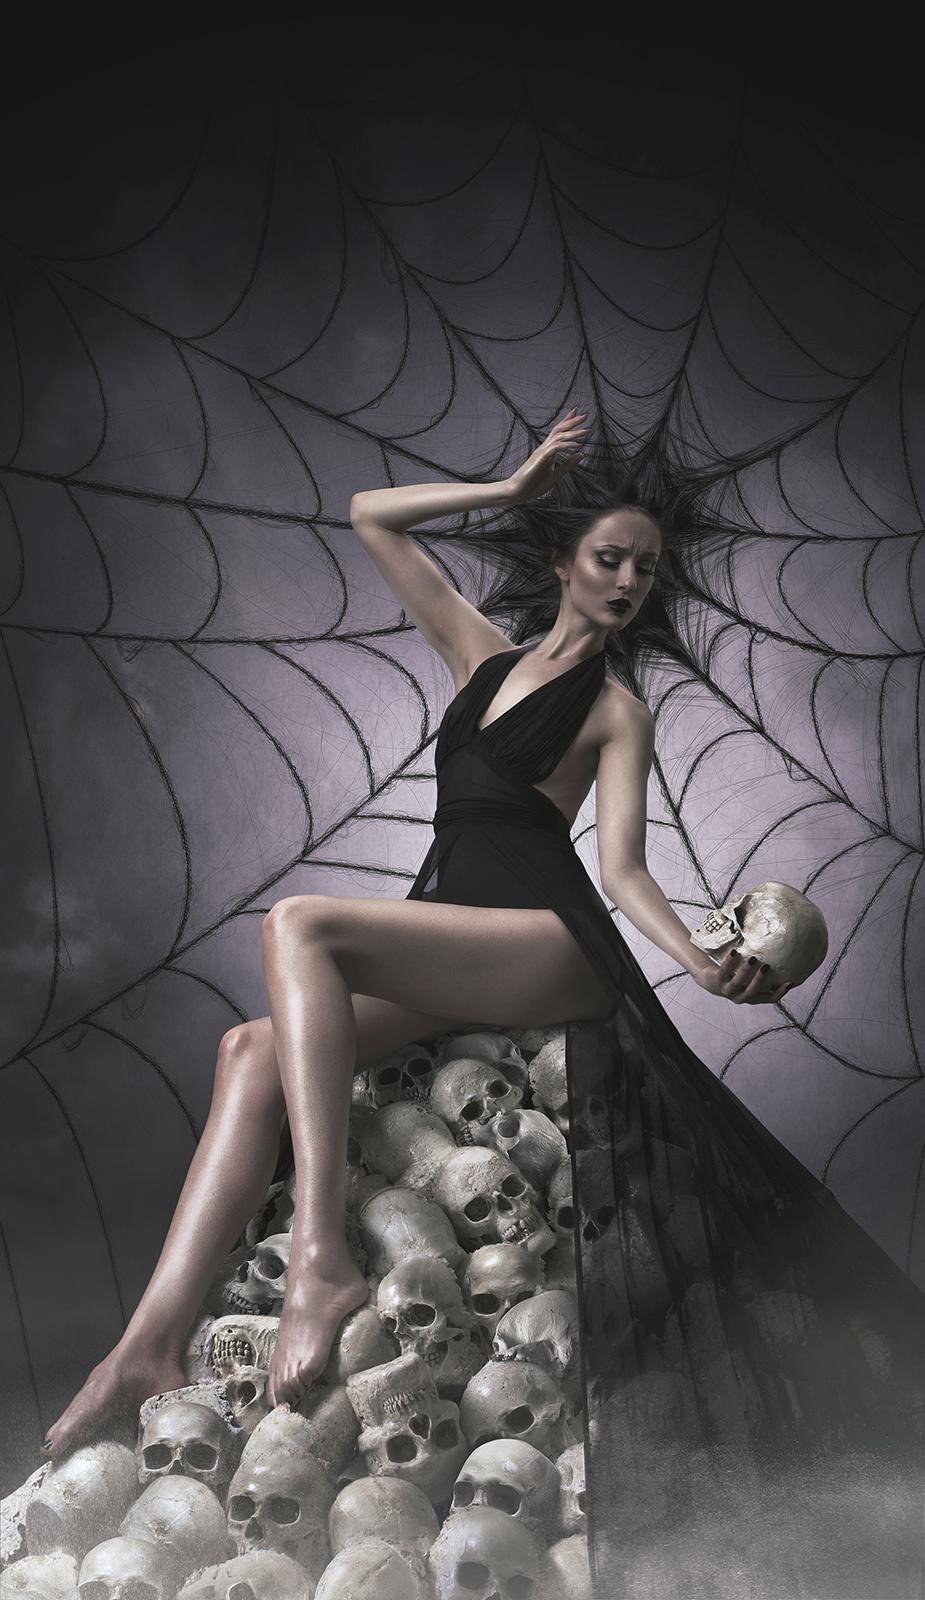 Michelle Monique - Arachne's Curse